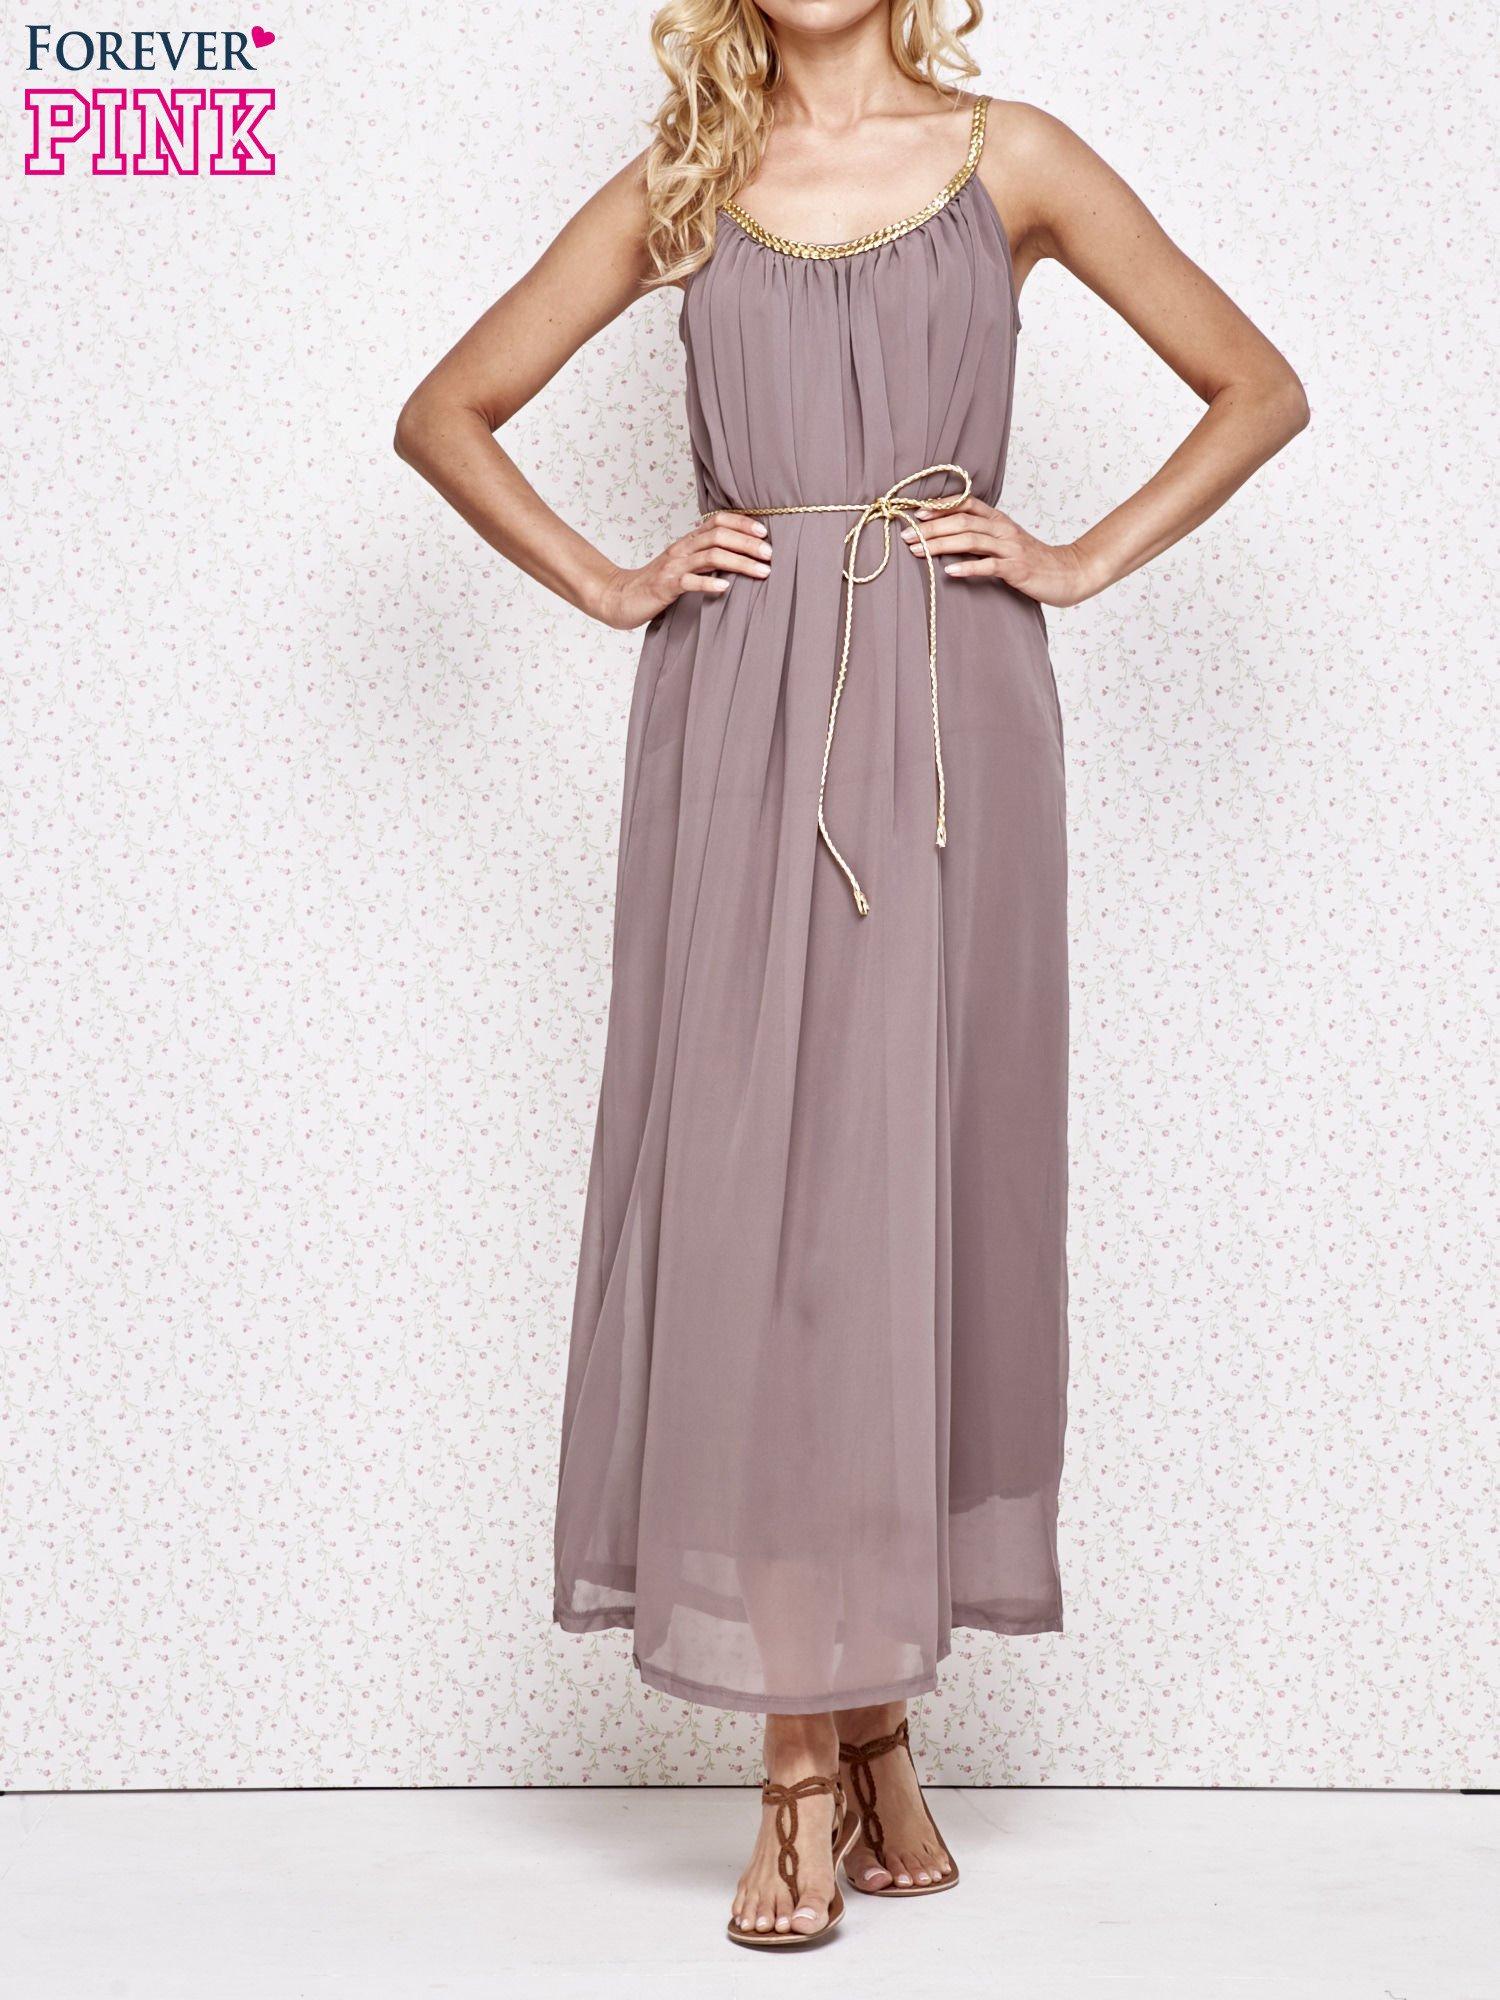 Brązowa grecka sukienka maxi ze złotym paskiem                                  zdj.                                  1